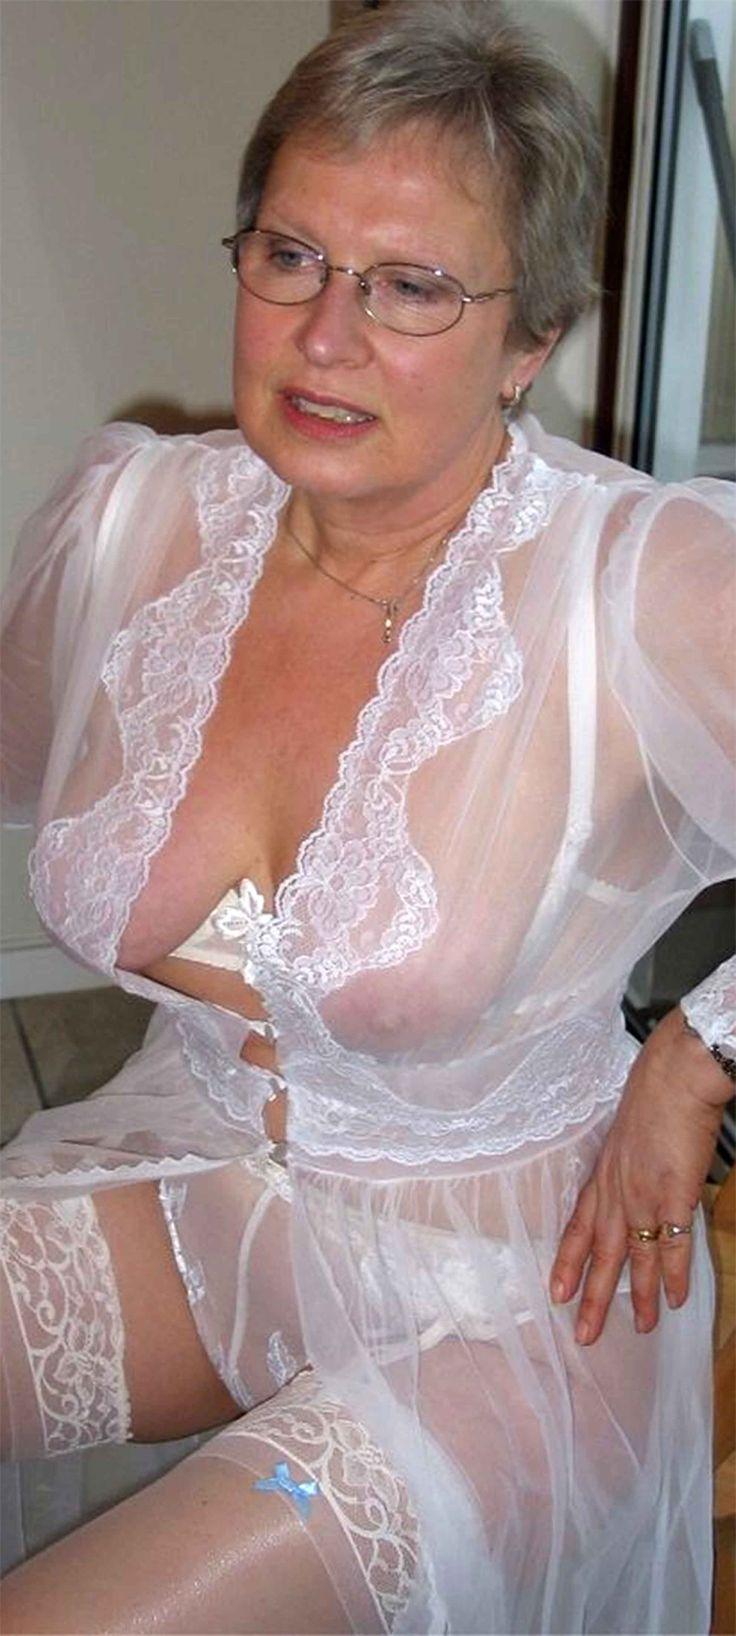 Kayla sinz double penetration